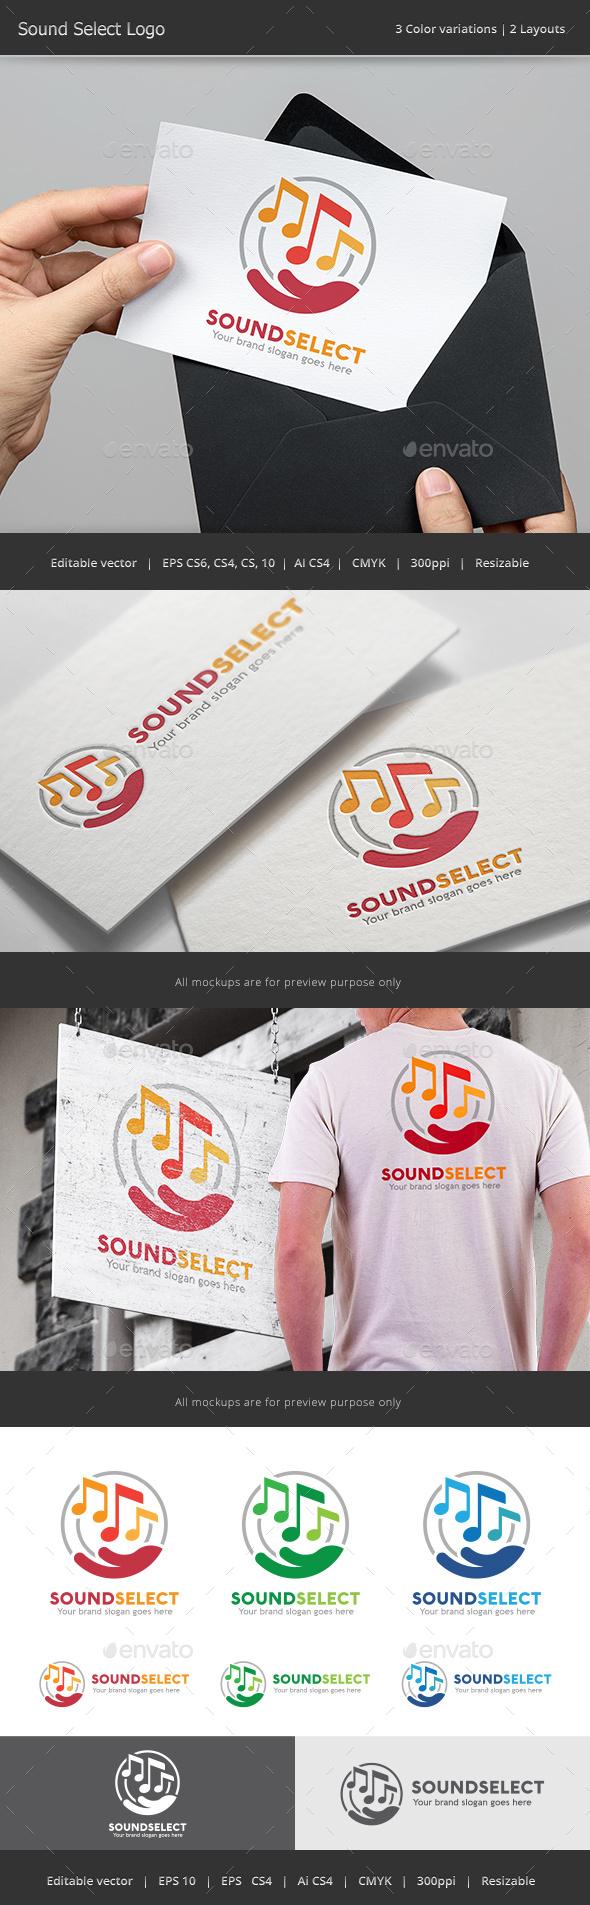 Sound Select Logo - Abstract Logo Templates